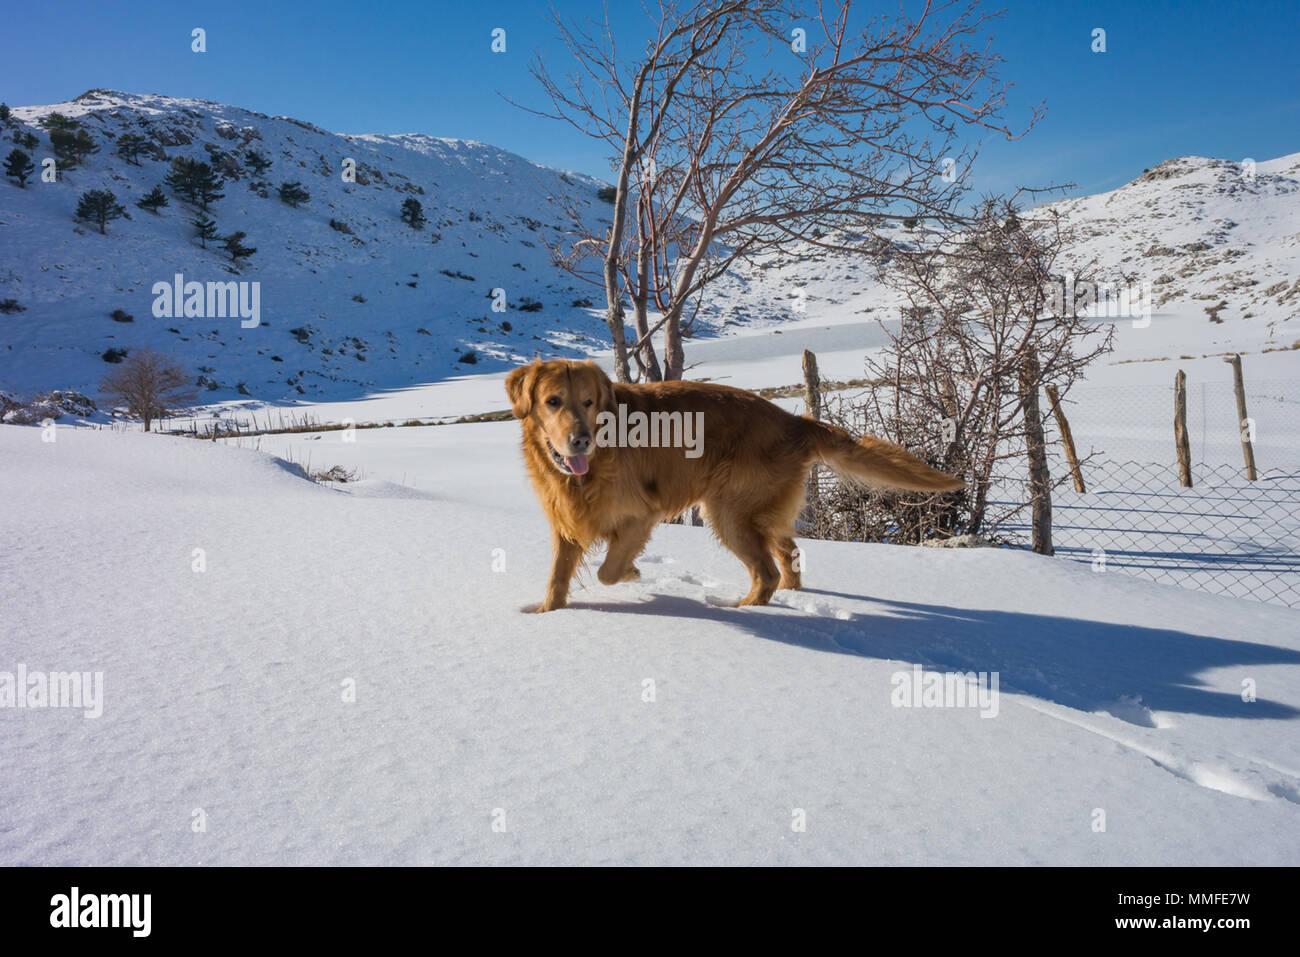 dog playing on snow, karda oynayan golden kopek - Stock Image